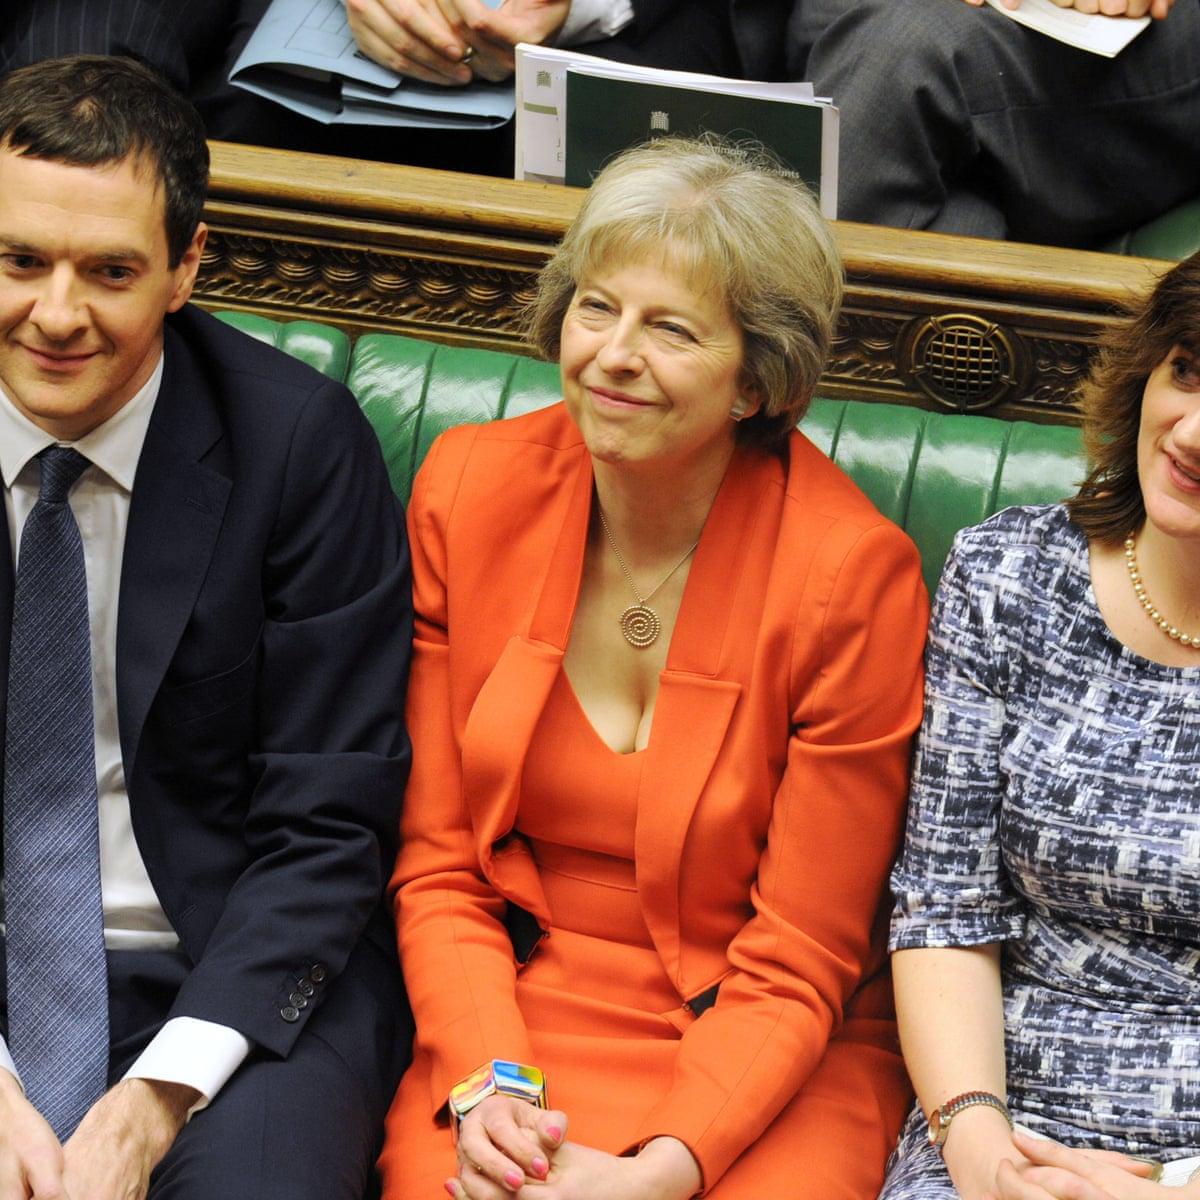 So Theresa May Has Breasts Who Knew Laura Bates Opinion